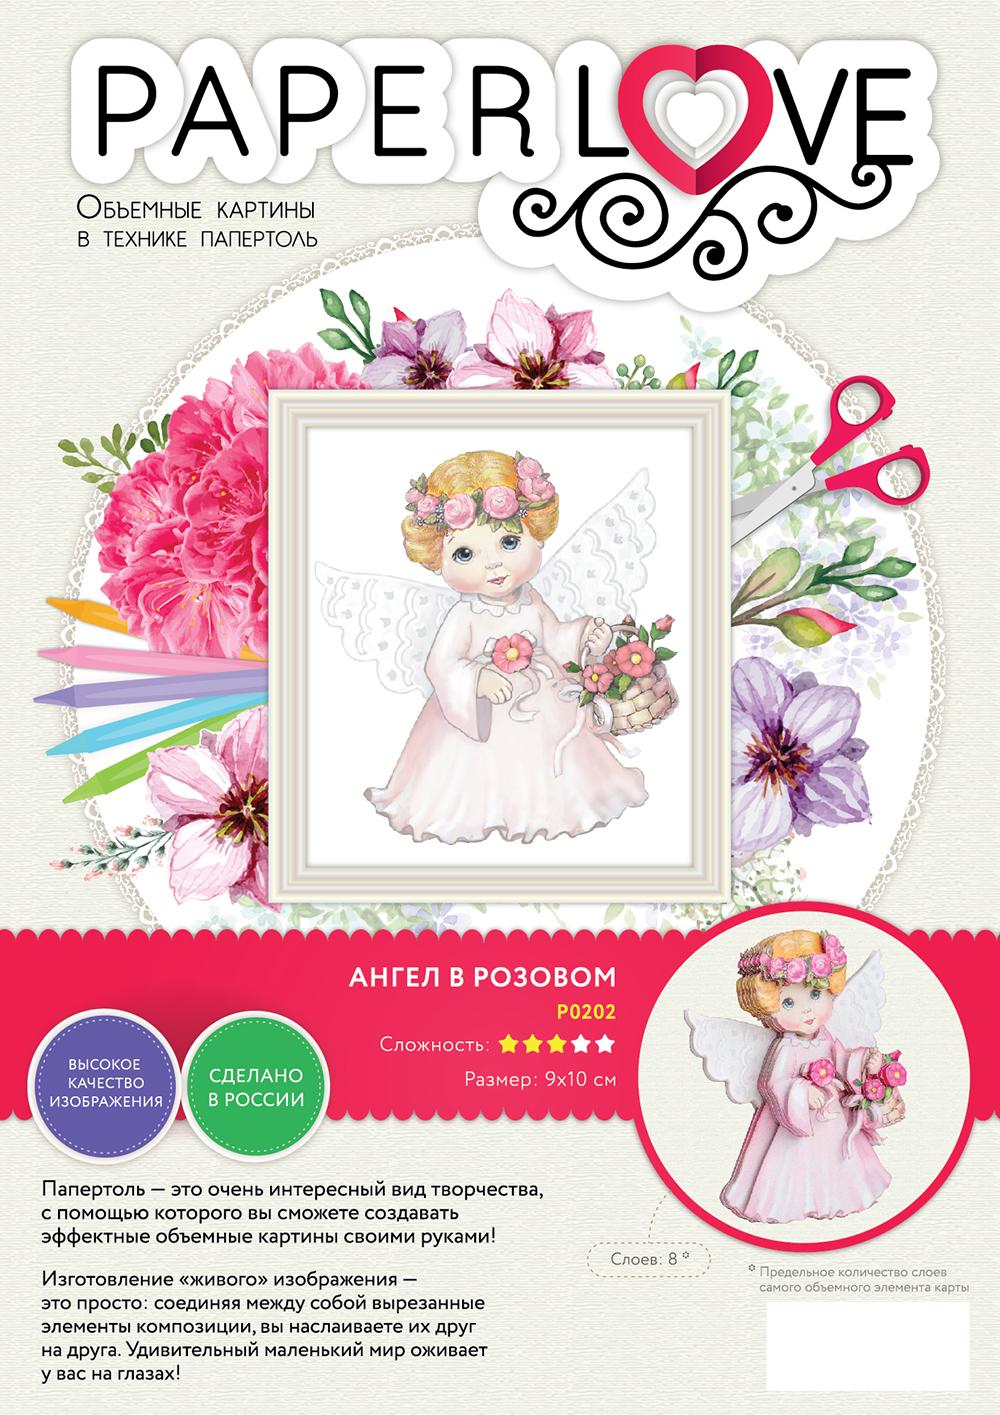 Папертоль Ангел в розовом — фотография обложки.